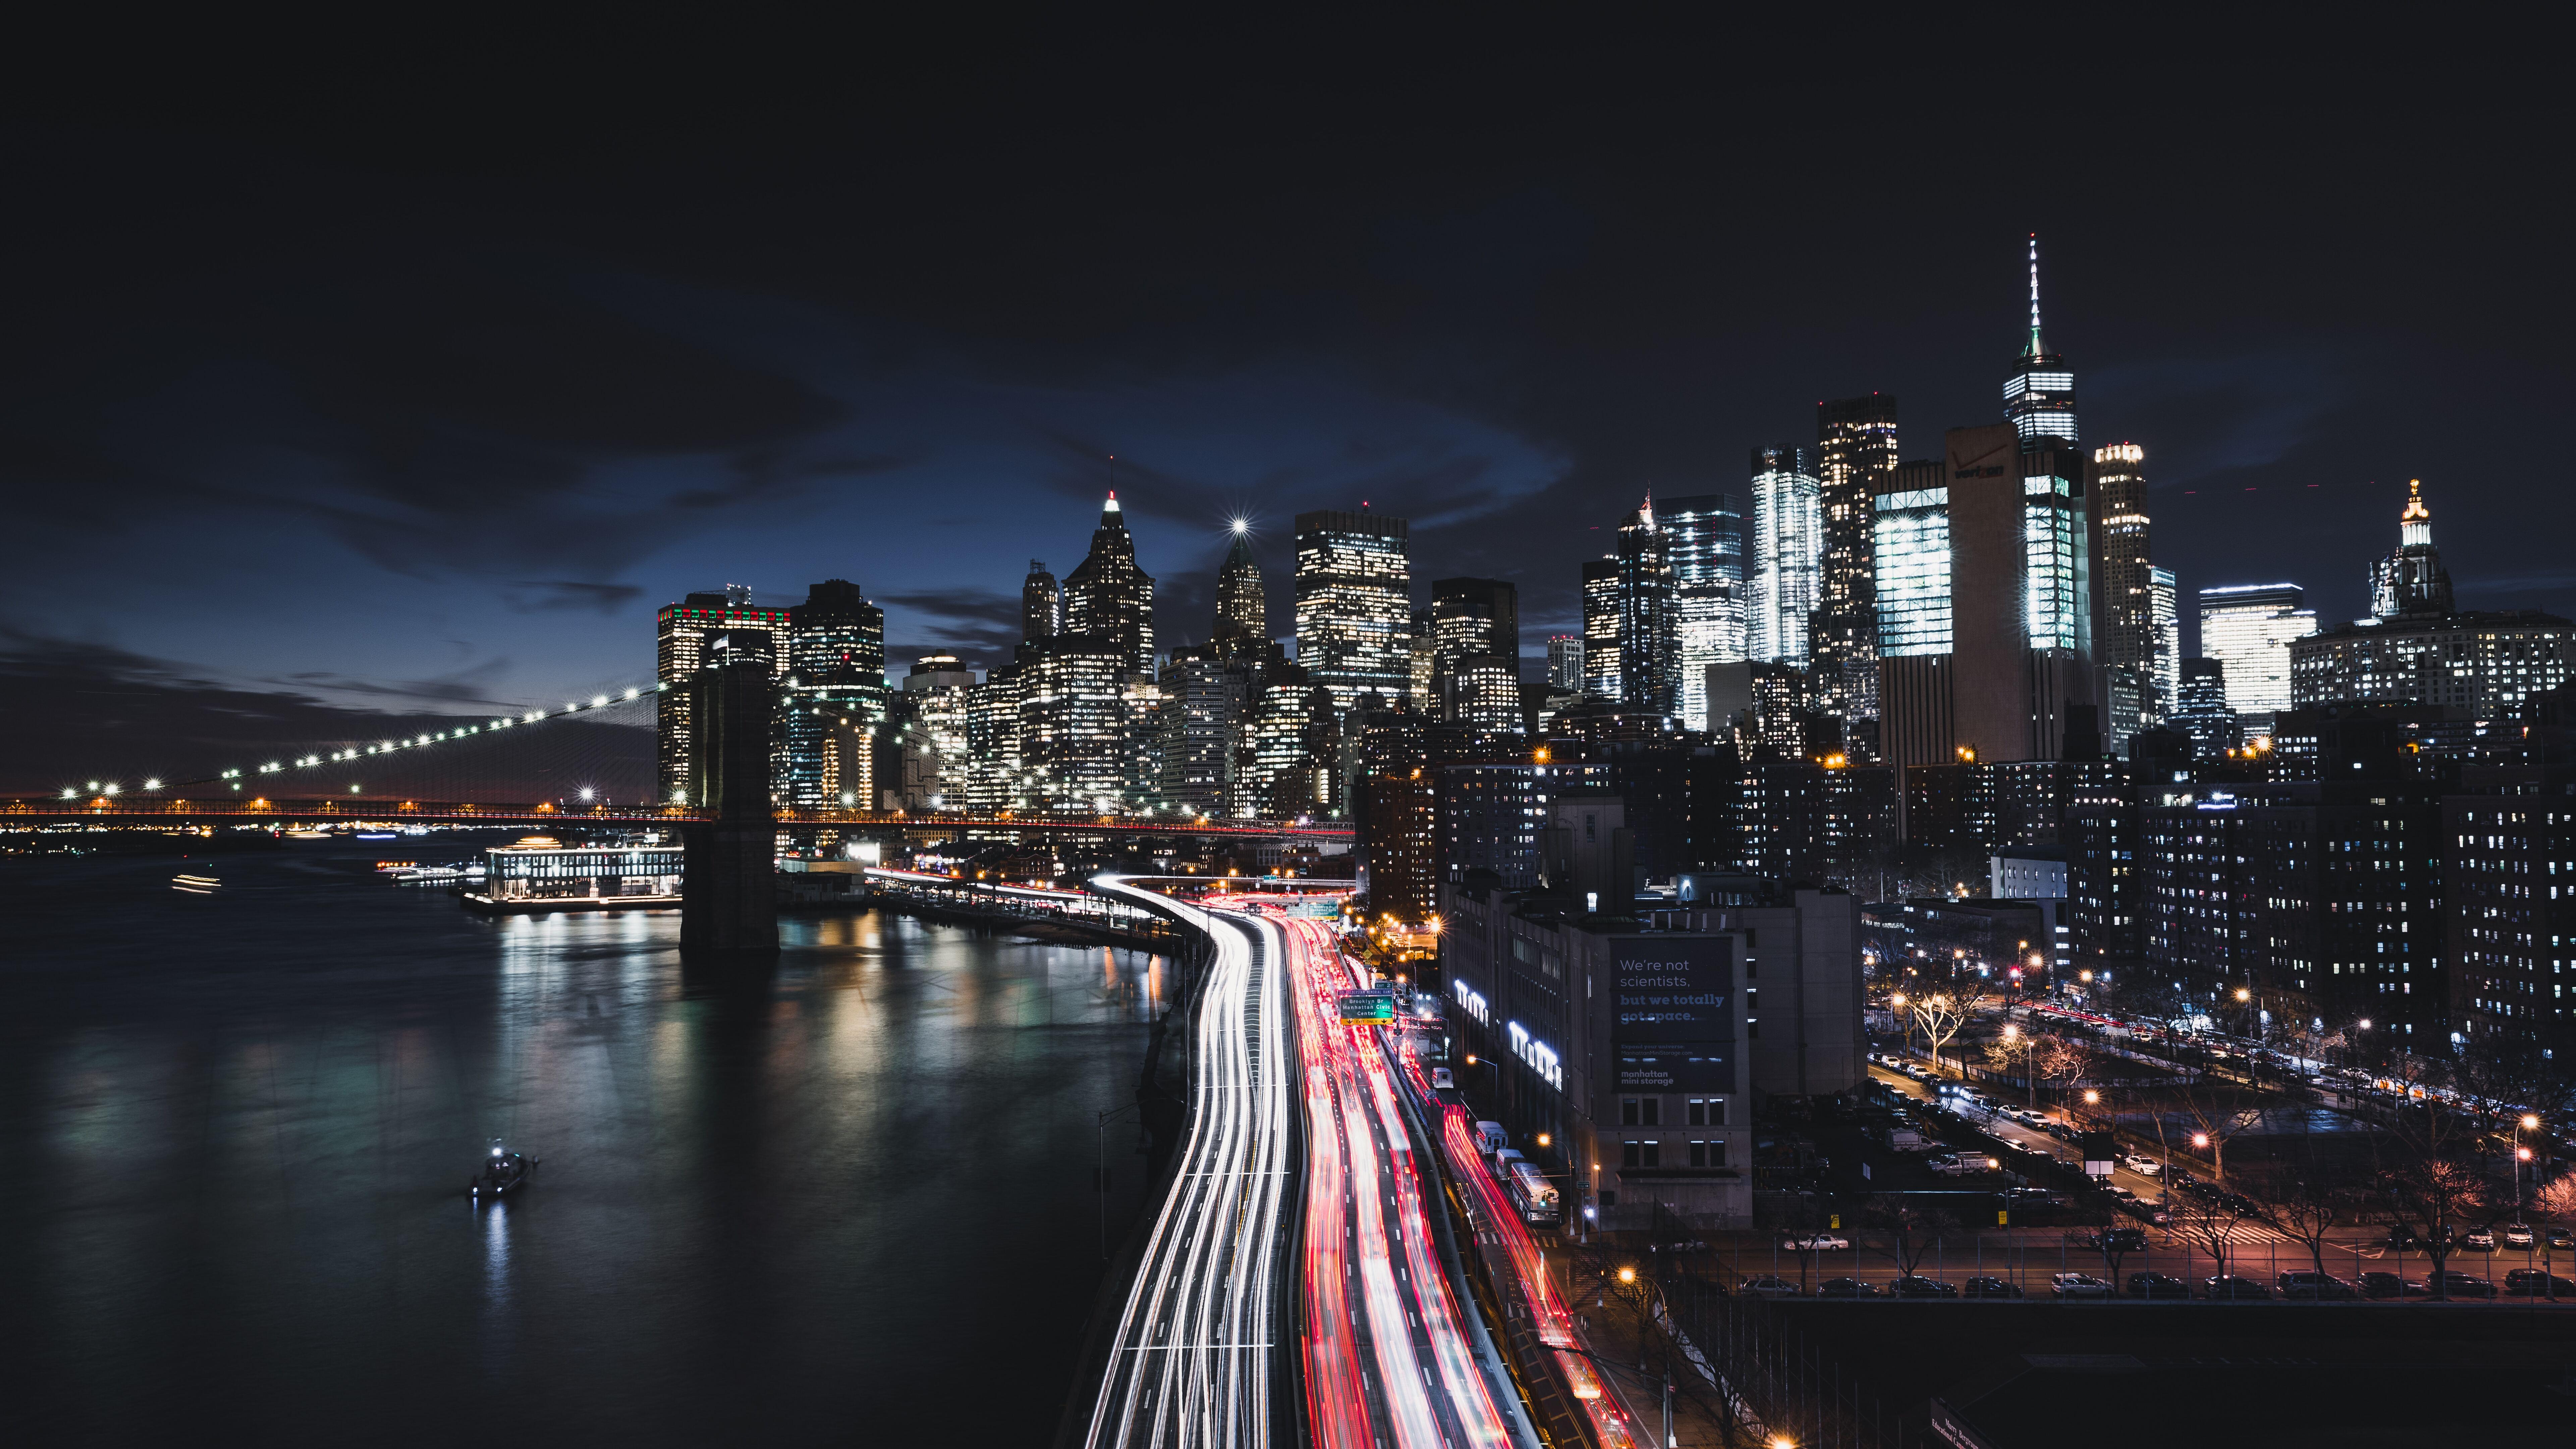 7680x4320 Brooklyn Bridge Cityscape Long Exposure Road